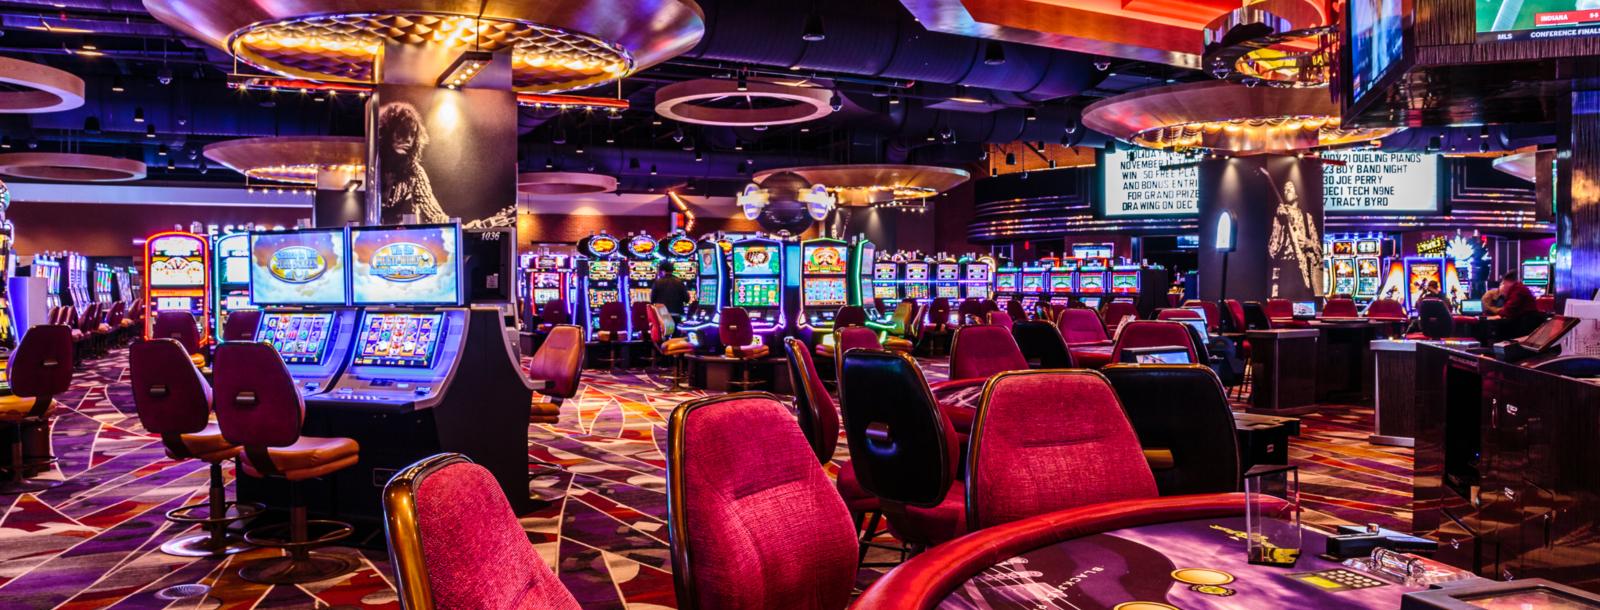 casino sioux city iowa